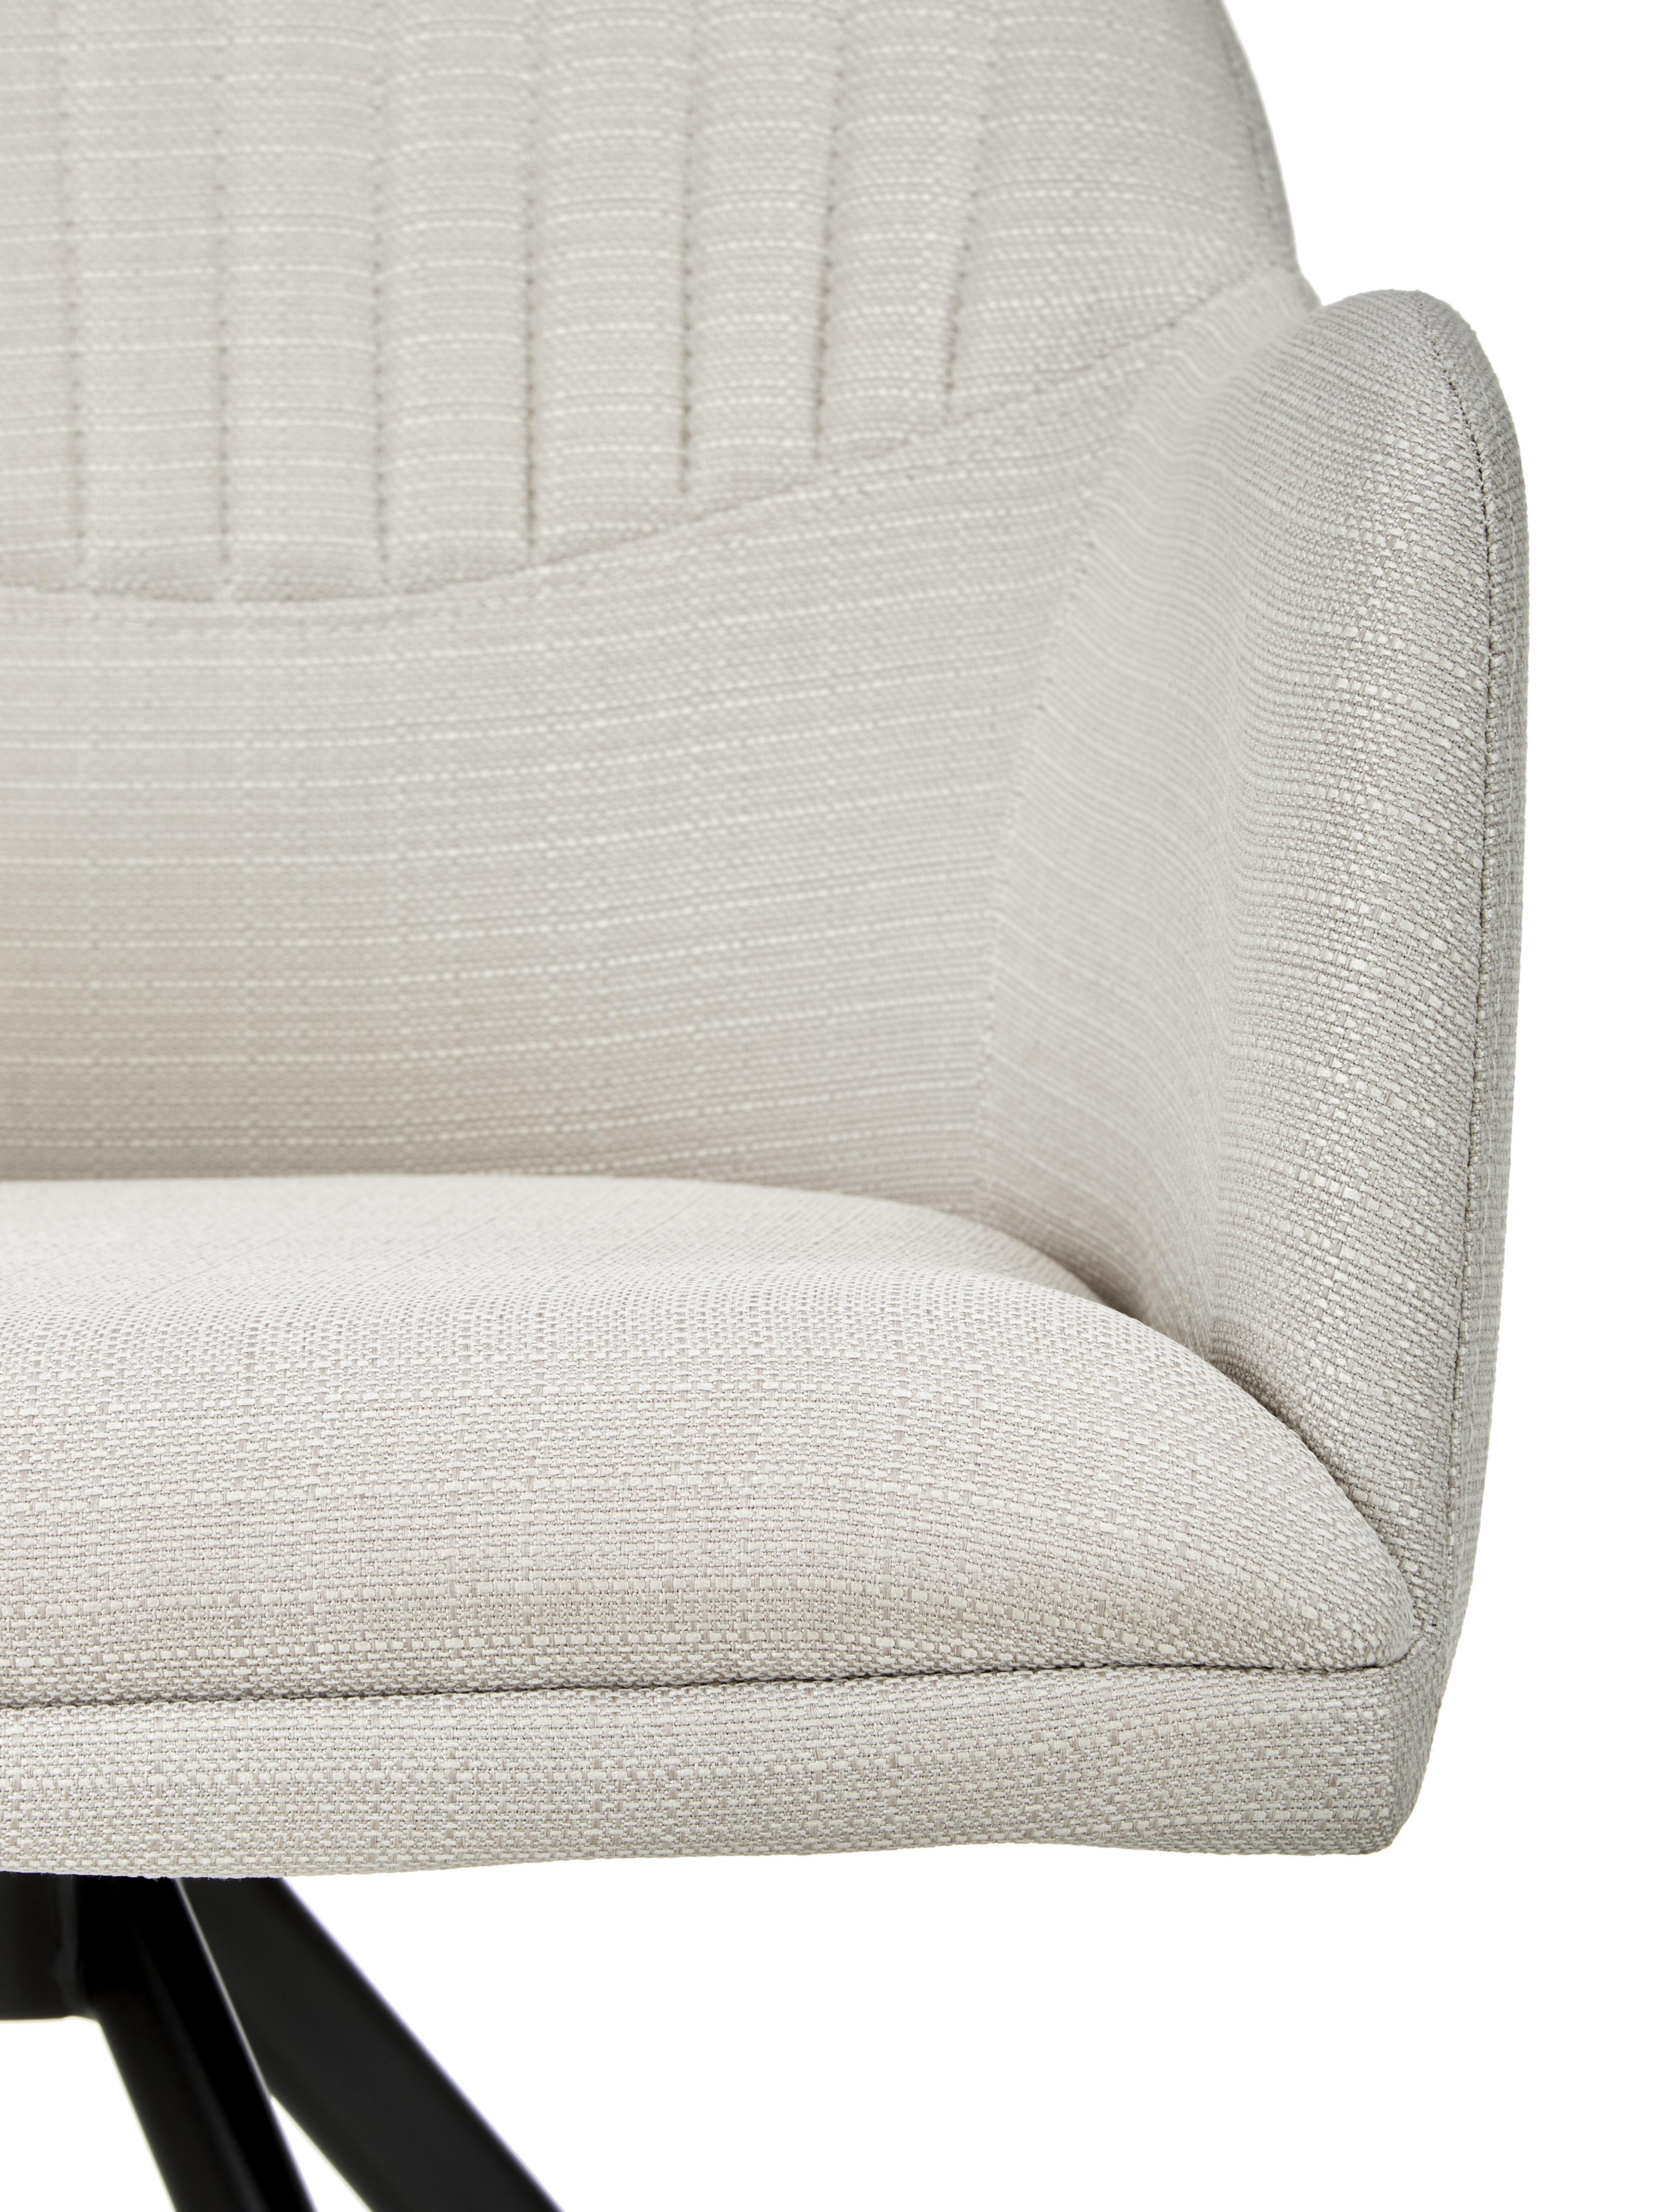 Silla giratoria con reposabrazos tapizada Lola, Tapizado: poliéster, Patas: metal con pintura en polv, Blanco crema, An 52 cm x F 57 cm